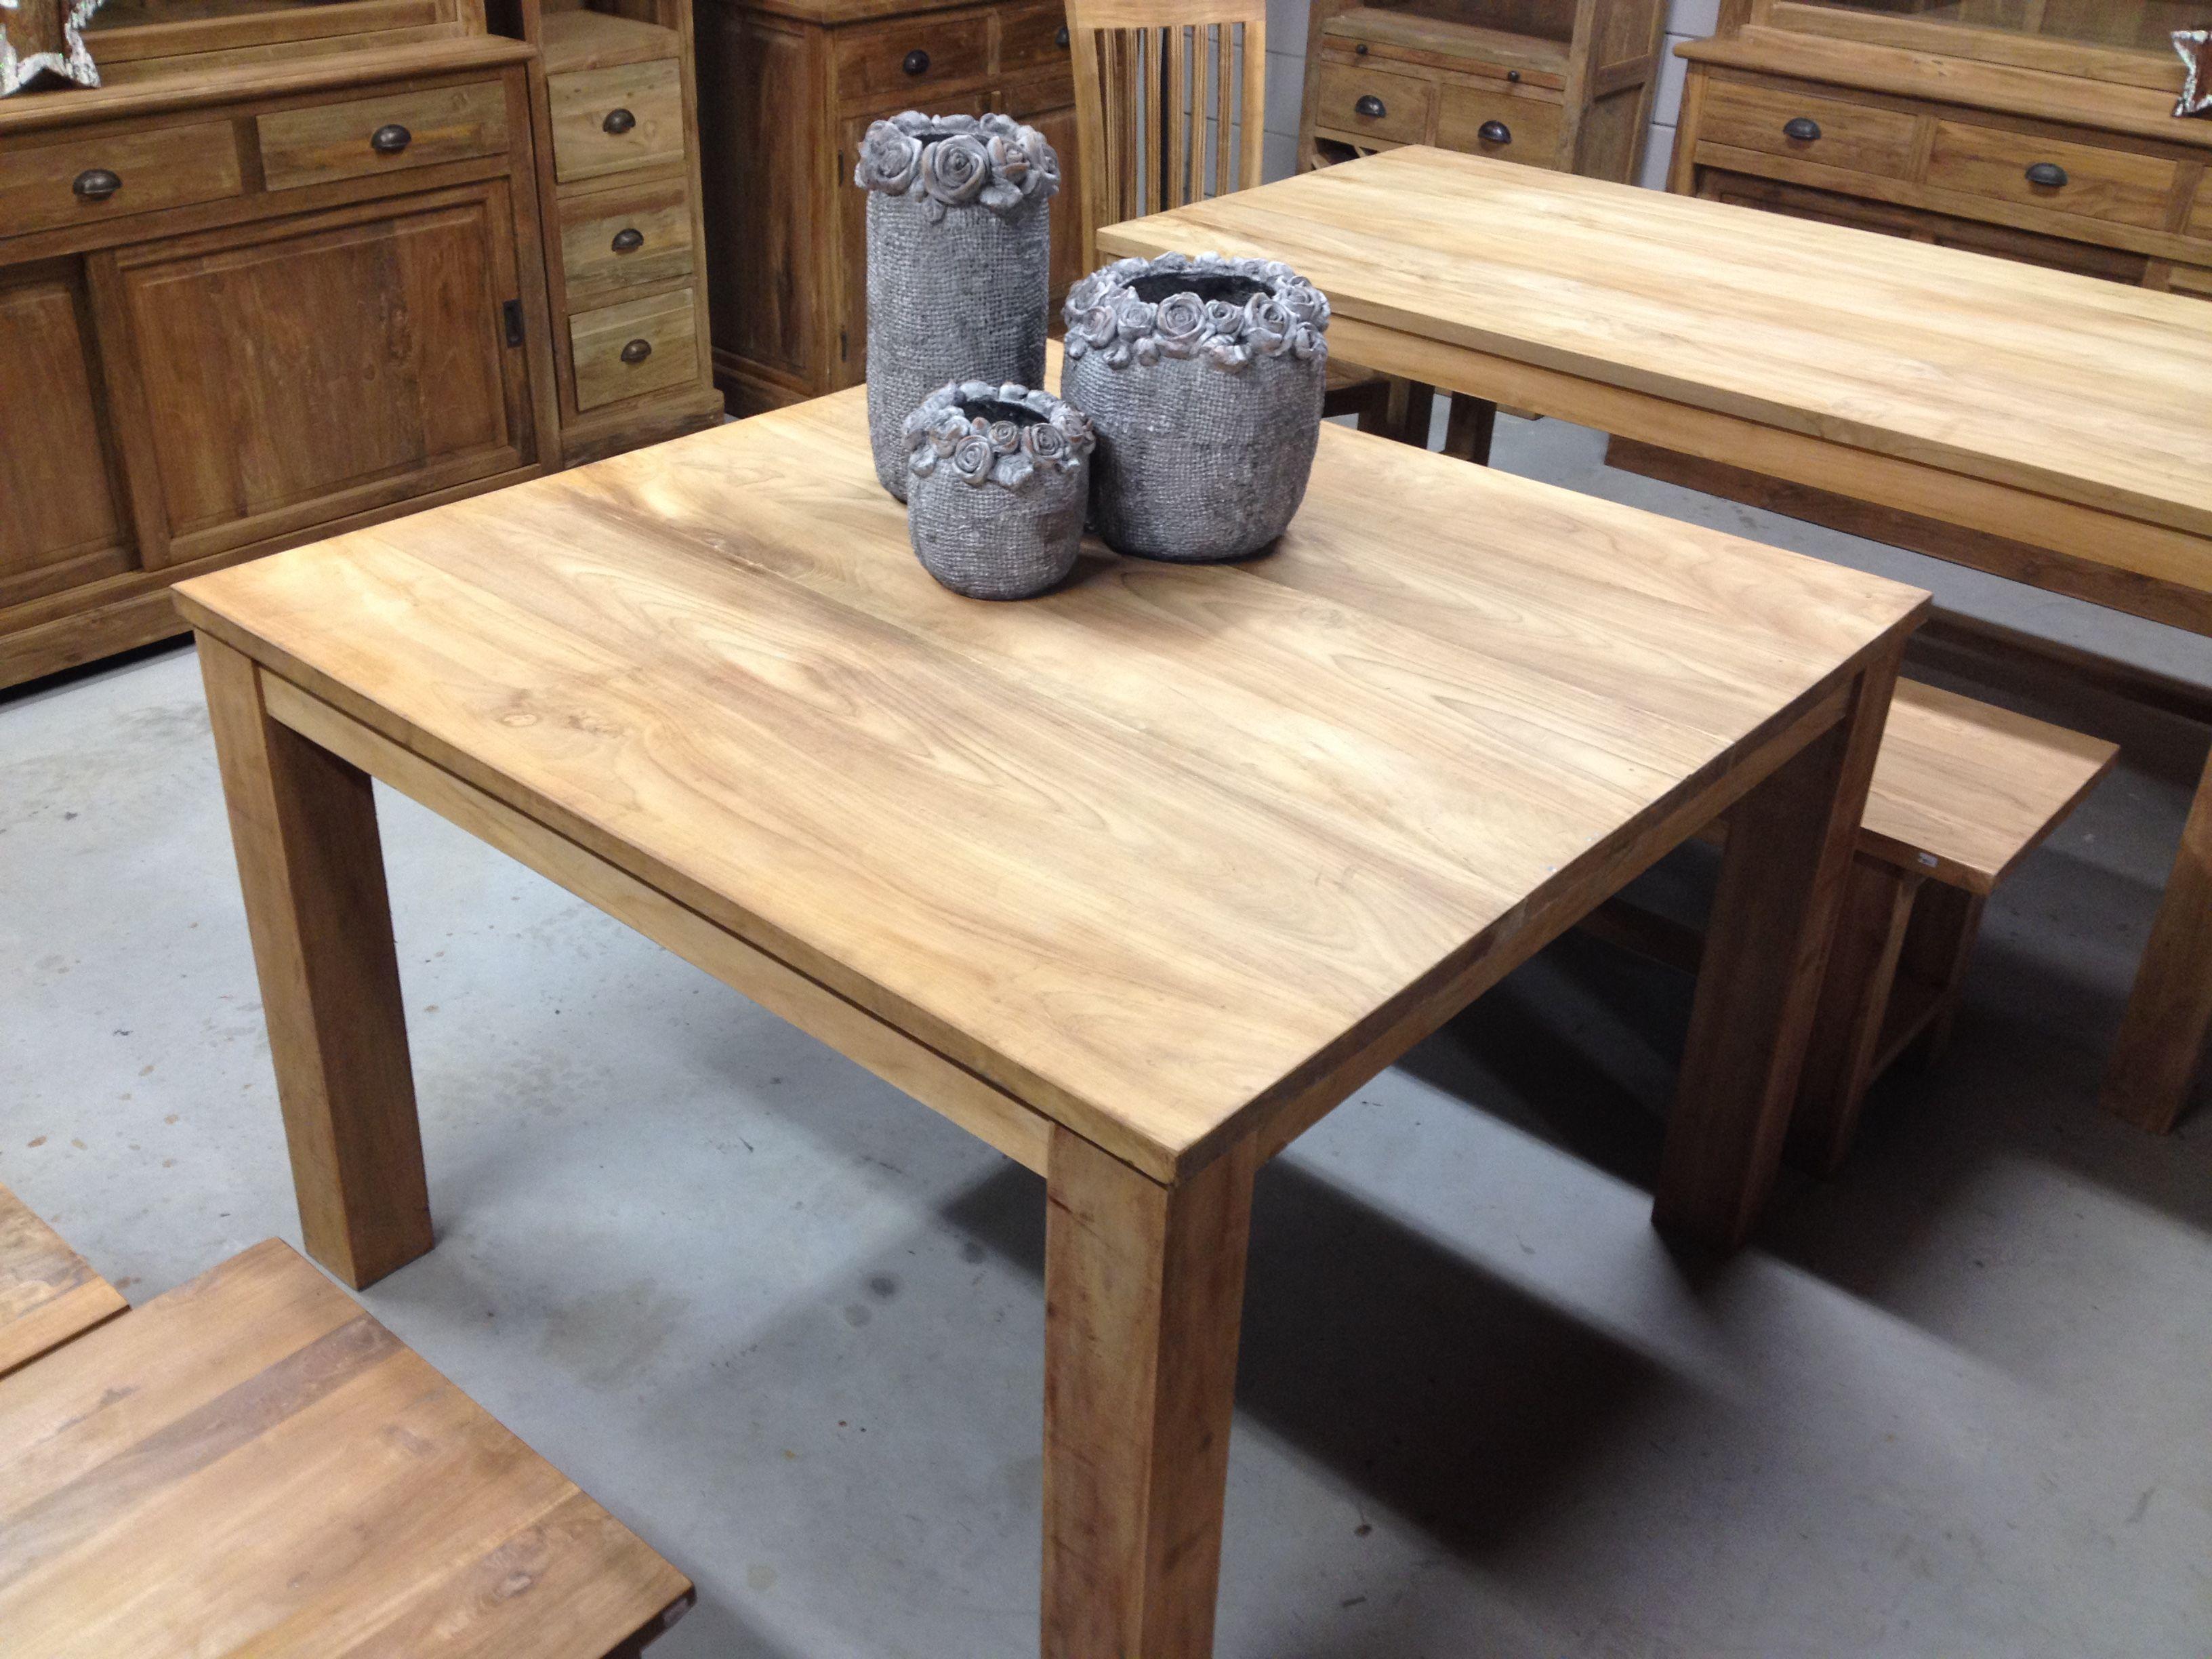 Vierkante Eettafel Teak.Eettafel Vierkant Met Blokpoten Polder Teak Tafels